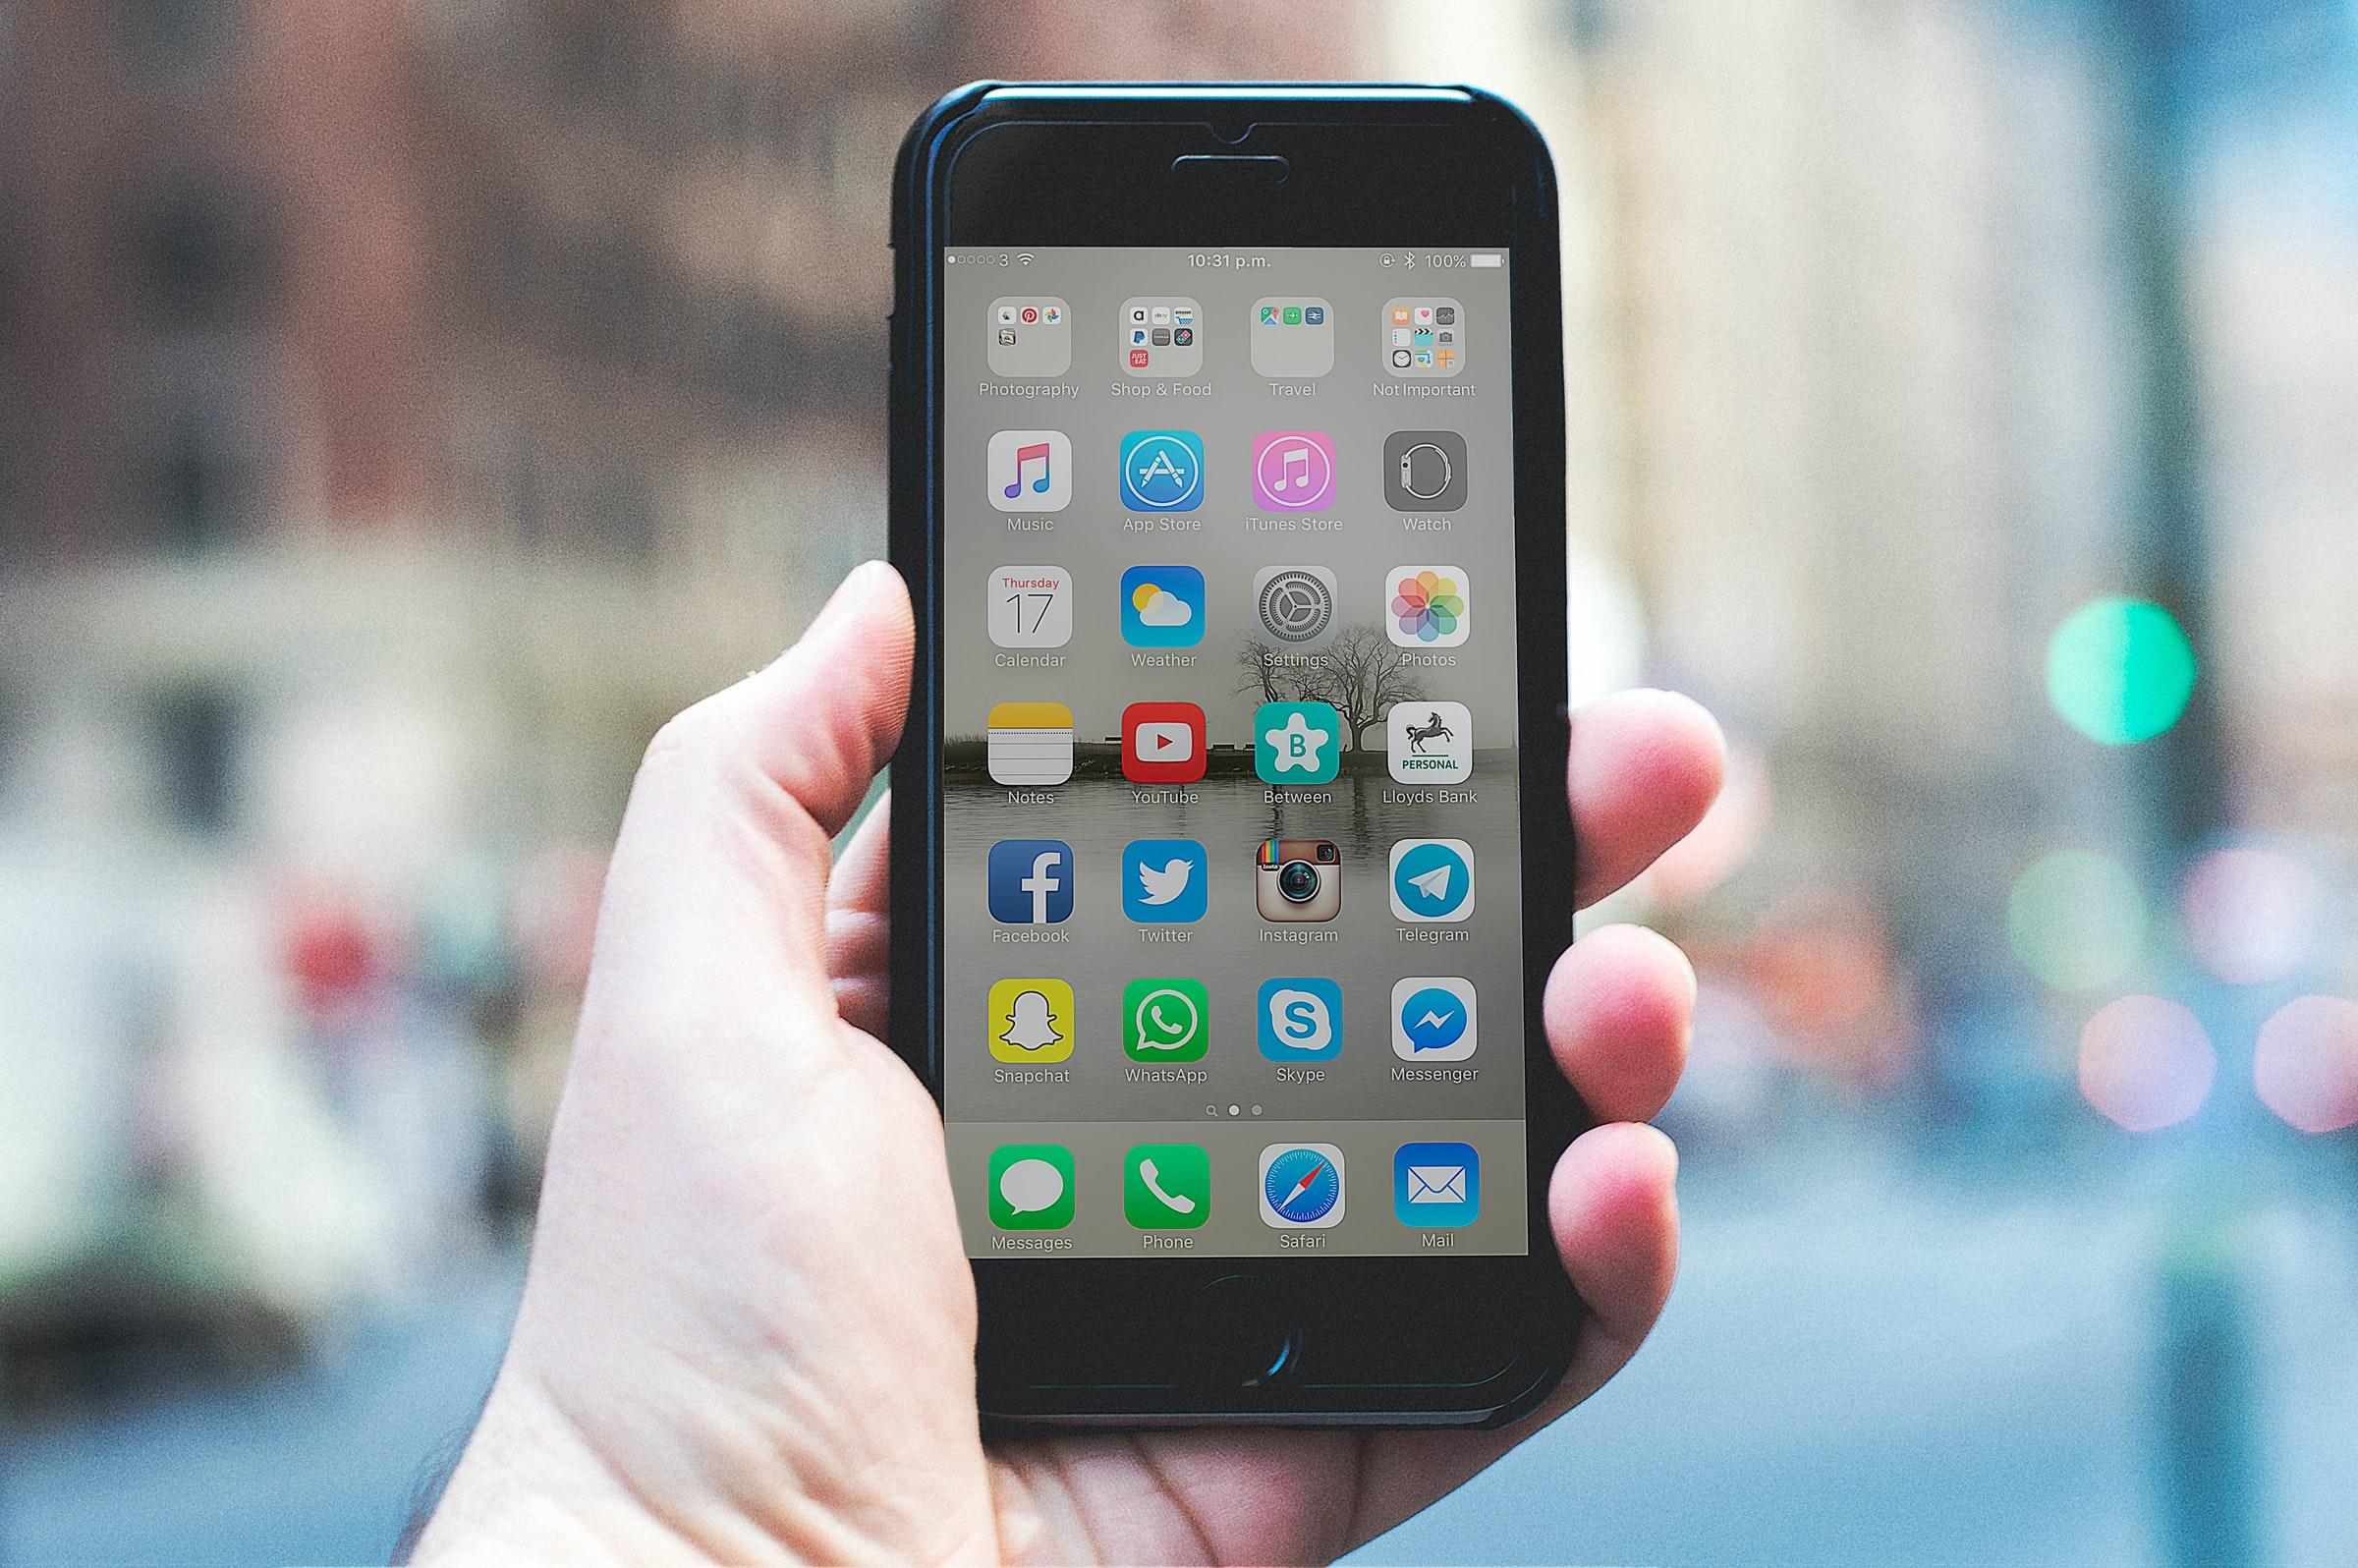 Fotografia di una mano che regge uno smartphone con schermo acceso